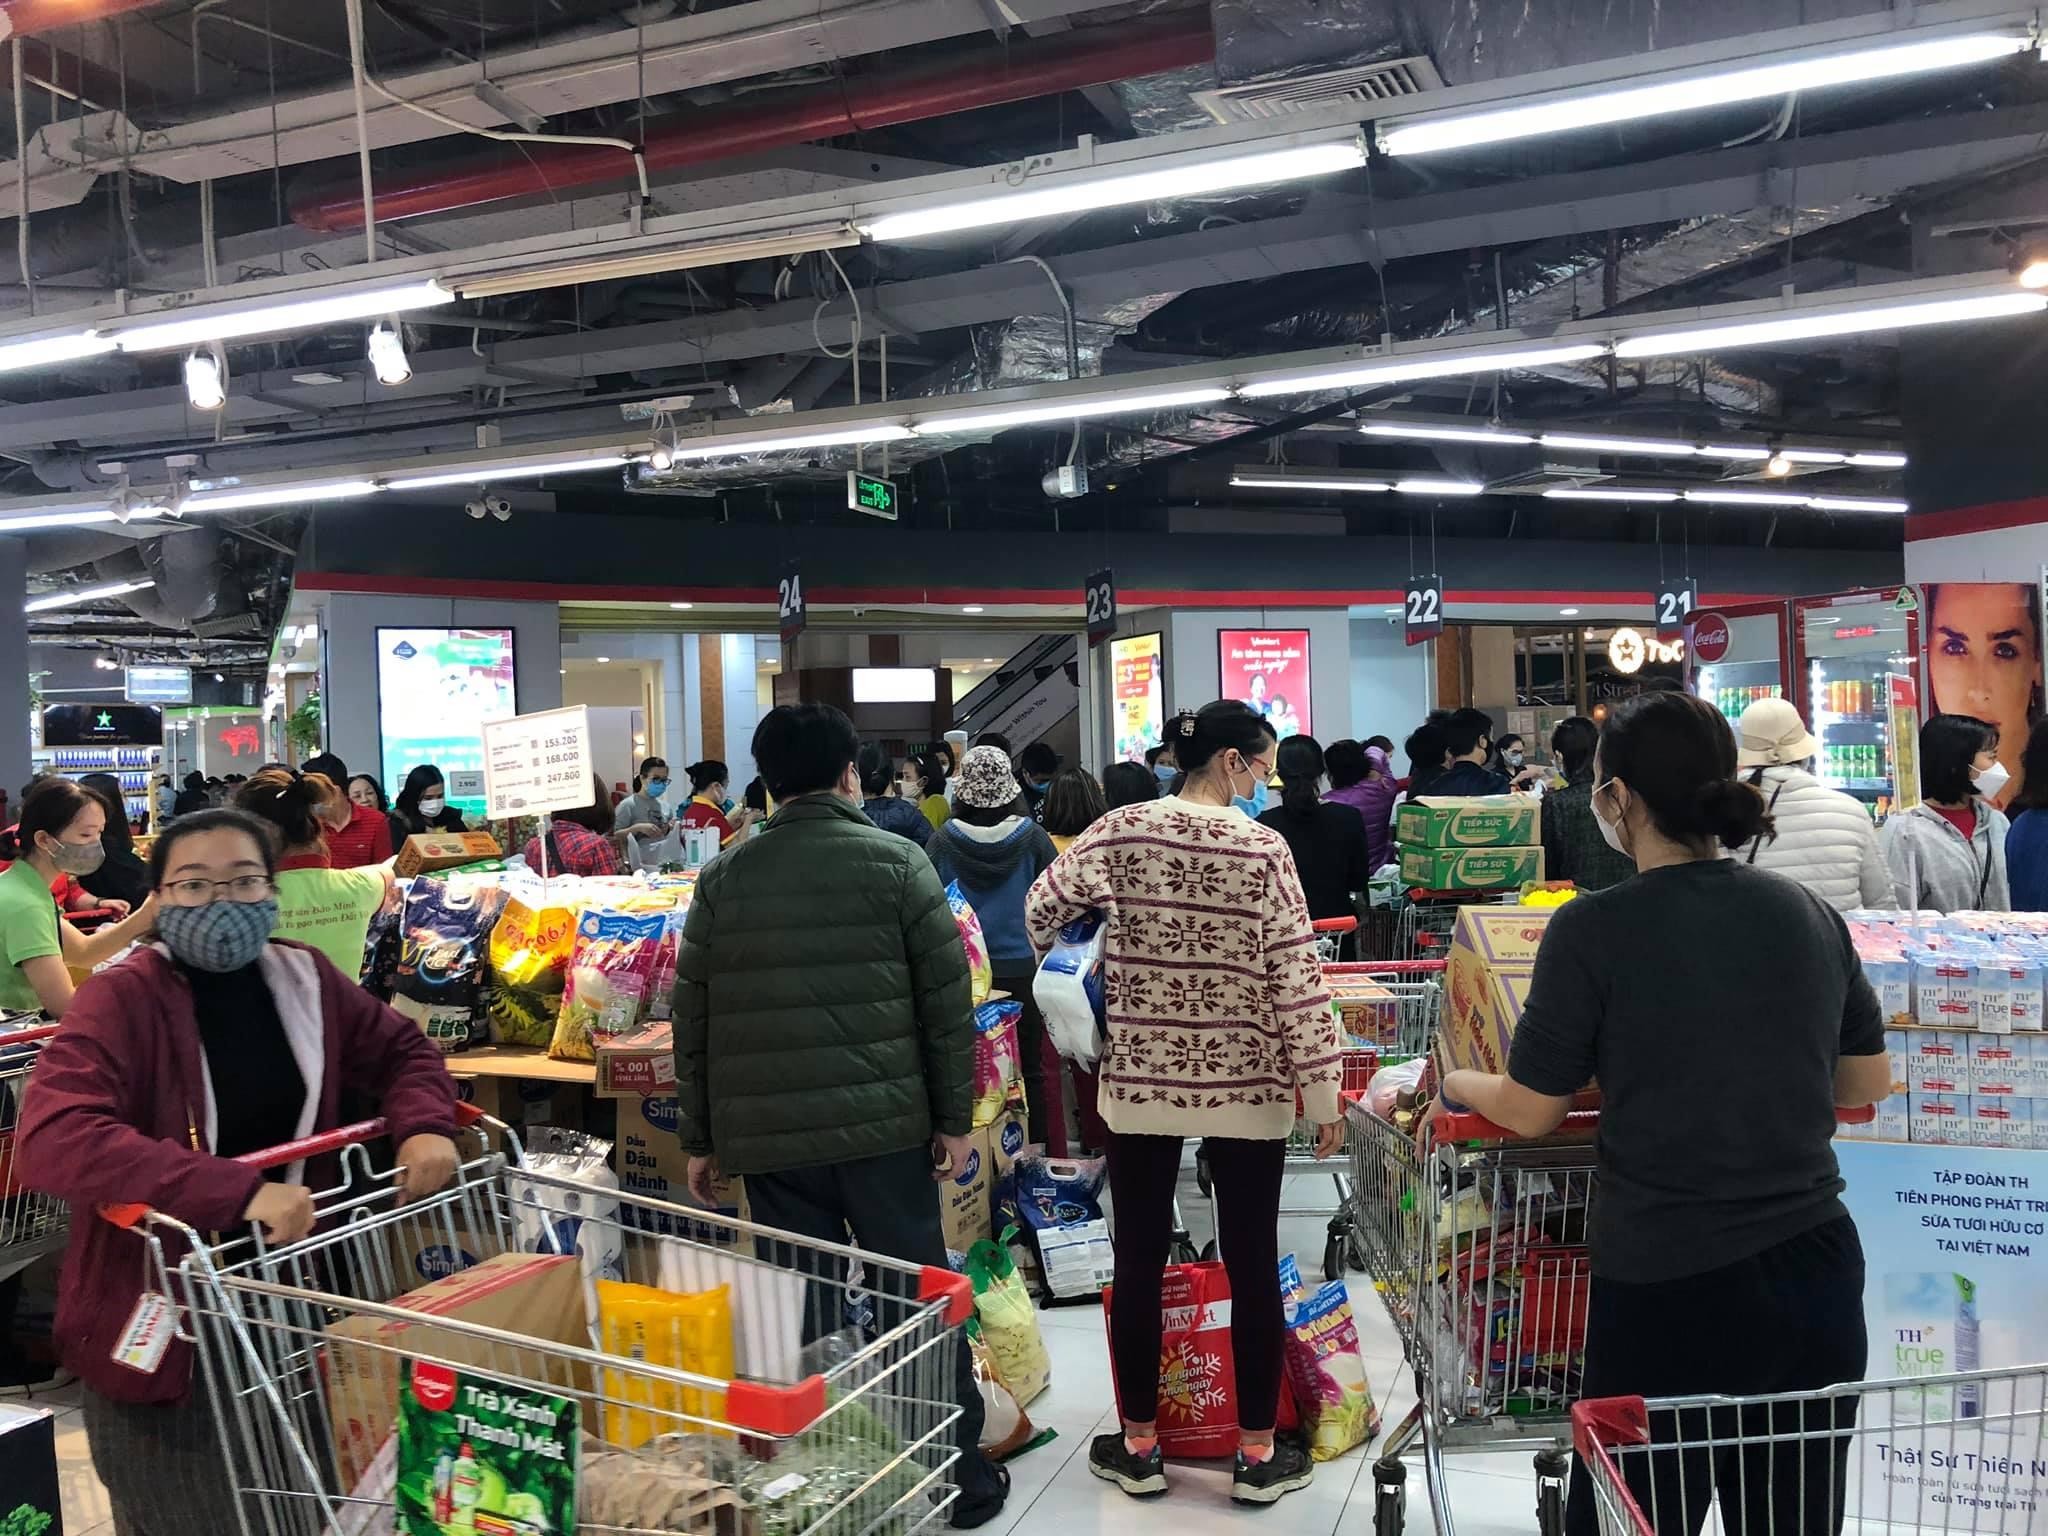 Hà Nội cung cấp đủ thực phẩm, hàng tiêu dùng đến cho người dân mùa dịch